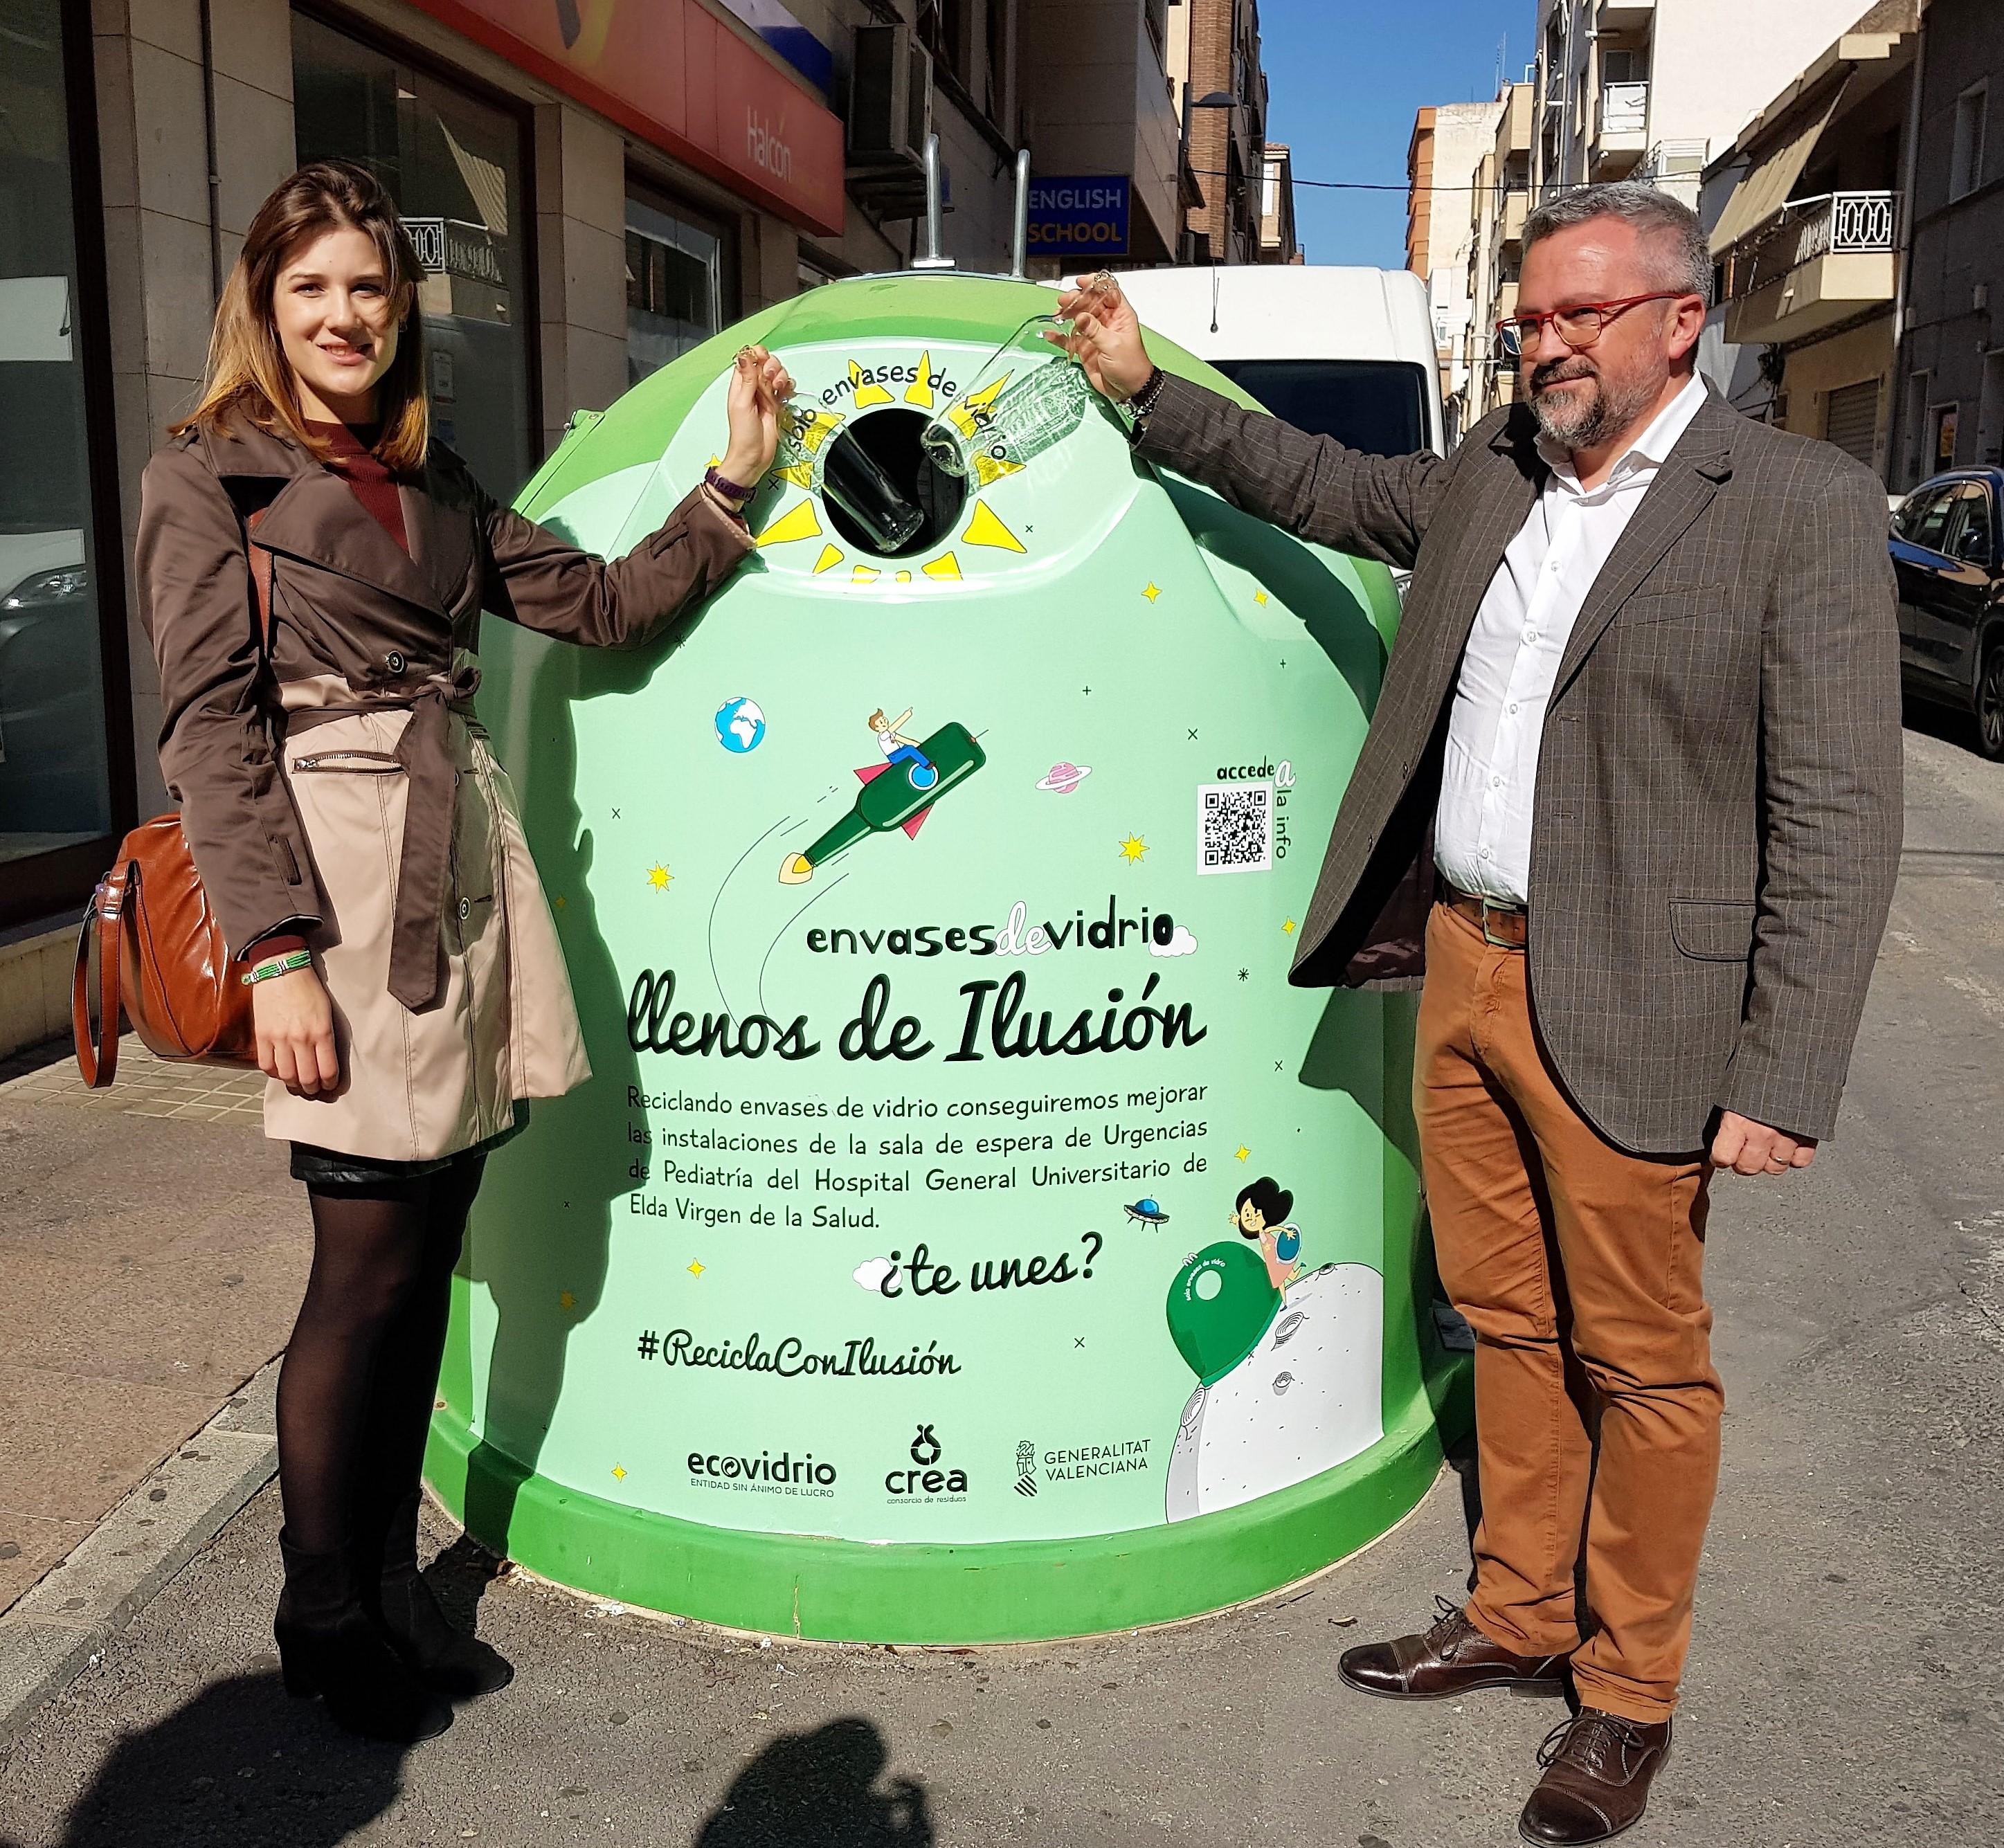 Elda colabora con la campaña 'Llenos de ilusión' para aumentar el reciclaje de vidrio en la ciudad